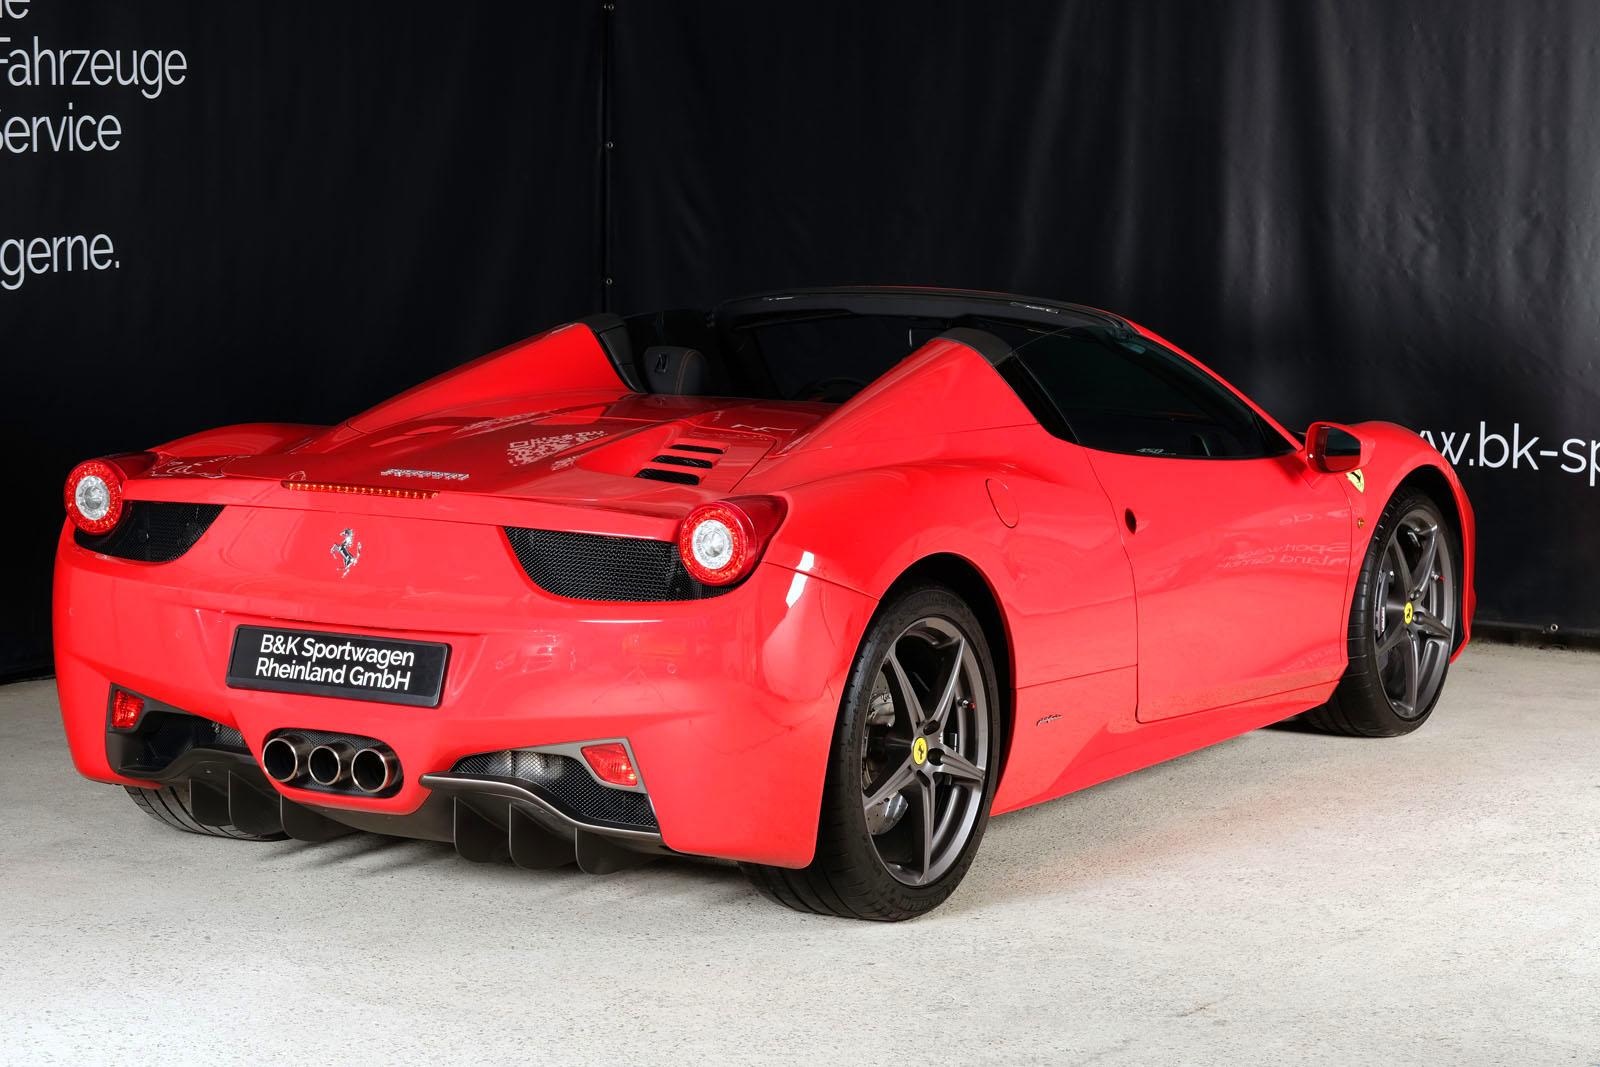 ferrari_458_iatlia_spider_rosso_corsa_bk_sportwagen_kaufen